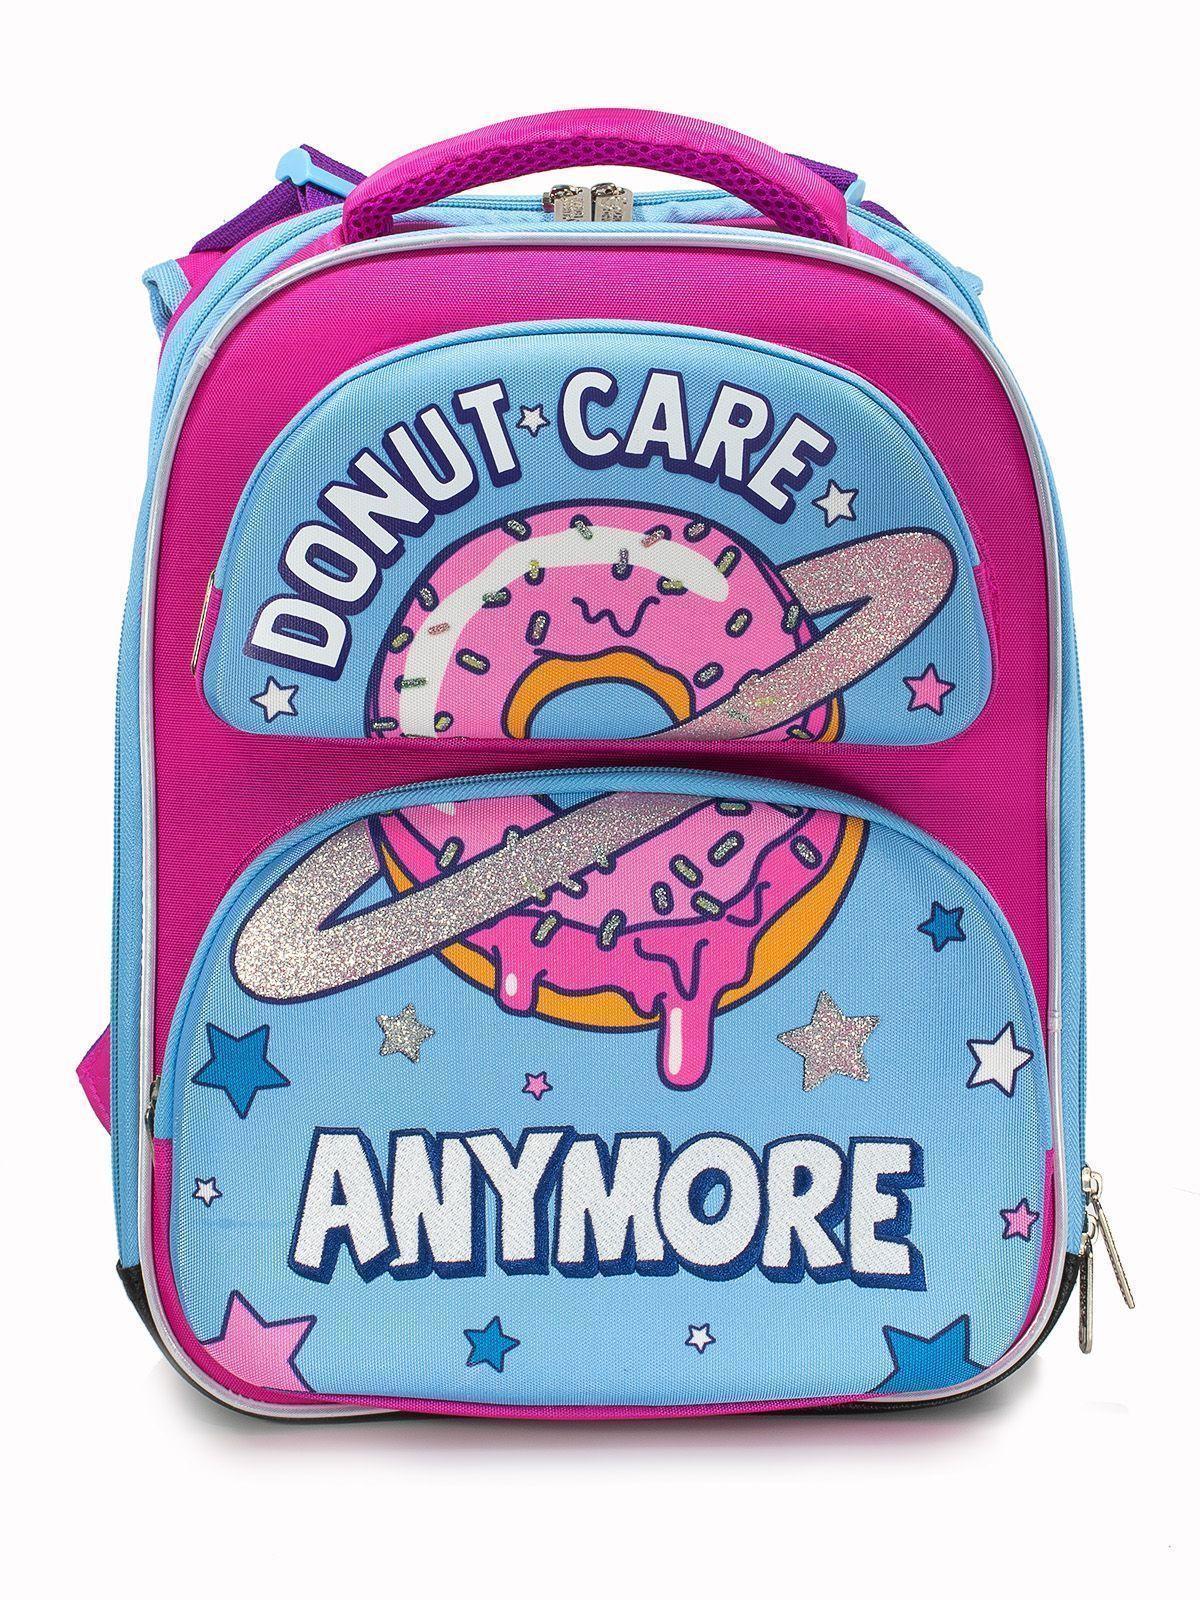 Рюкзак Schoolformat Donut worry, модель ERGONOMIC 2Е, 38х29х18 см, 17 л, для девочек